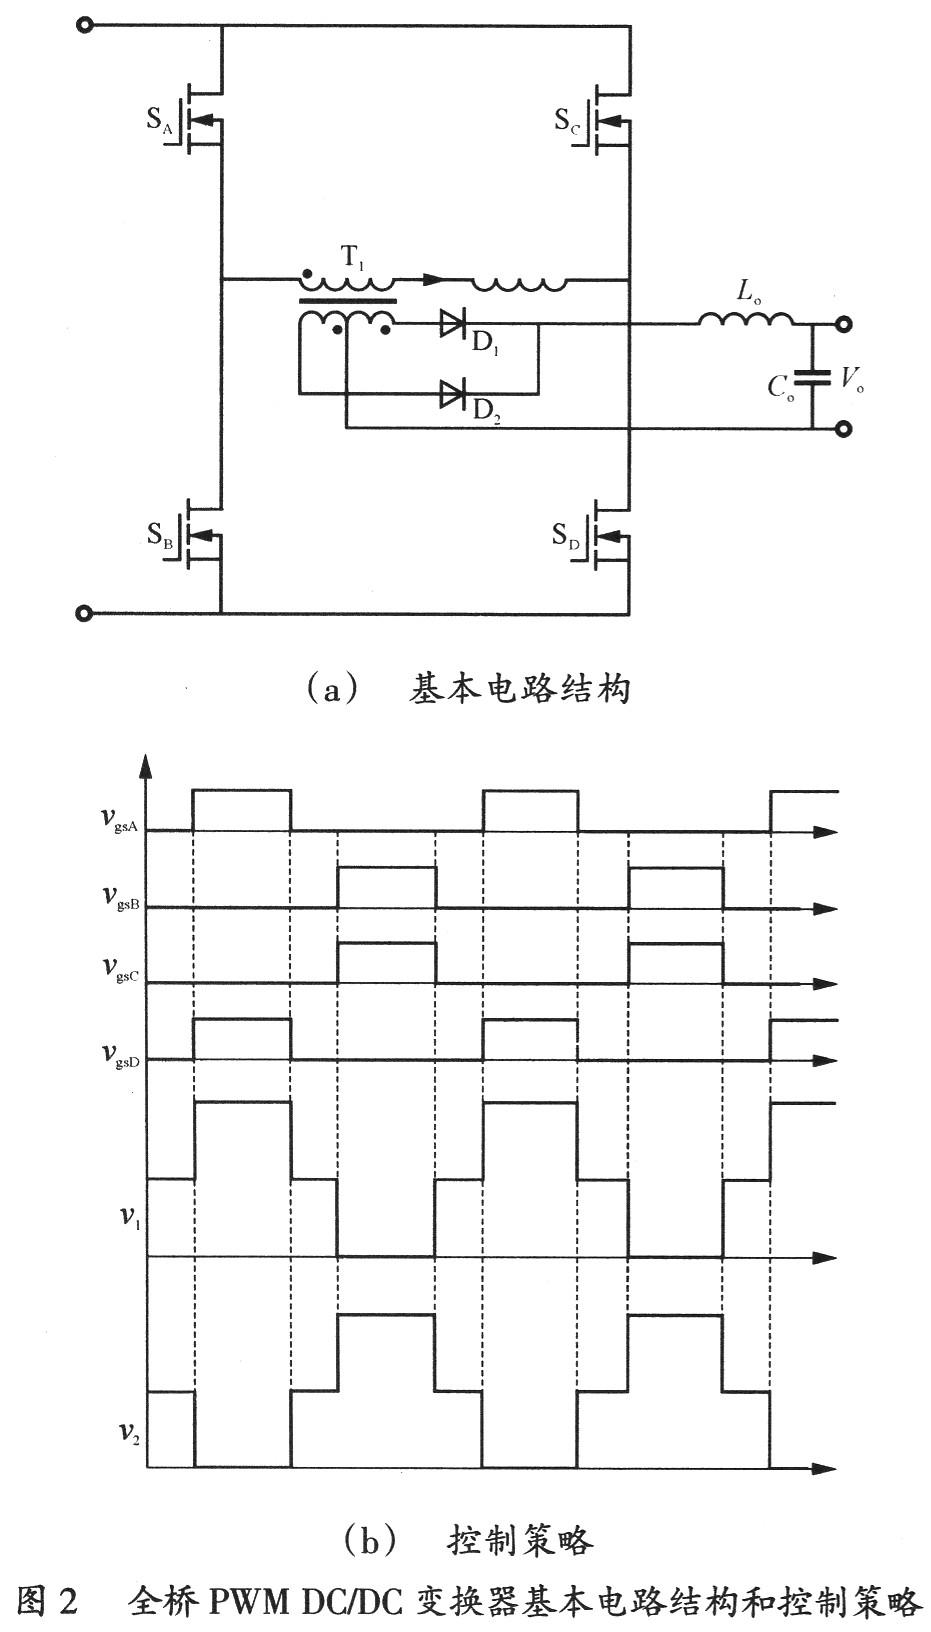 管的驱动信号一个相位,用专用移相控制芯片uc3875对同一桥臂的两个